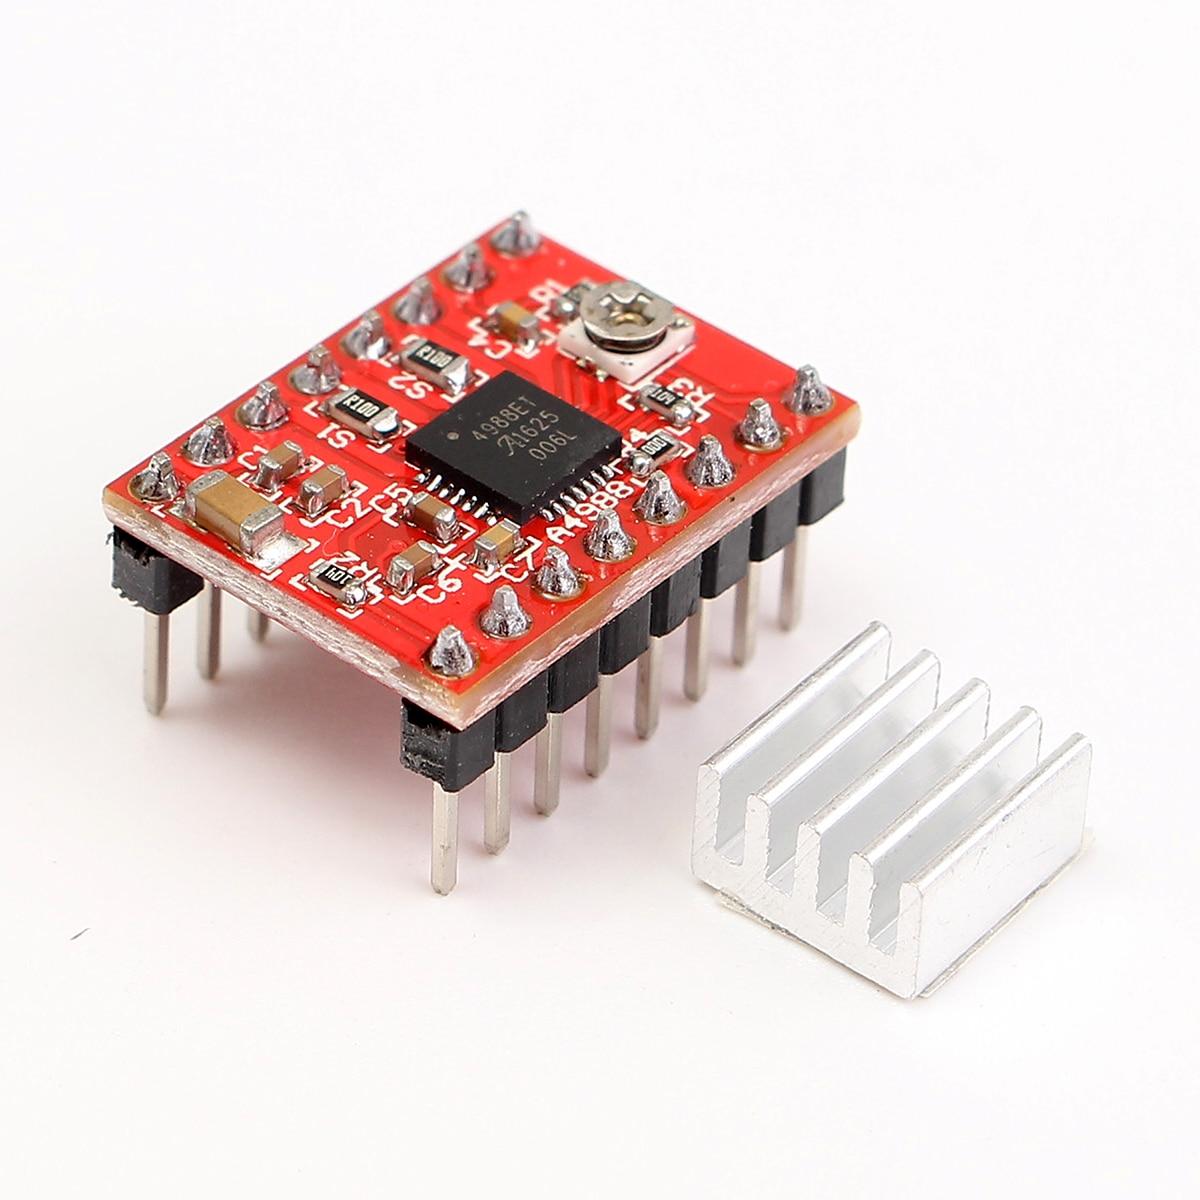 Controlador paso a paso de 5 uds A4988 + disipador de calor para piezas de impresora 3D Reprap, controlador de Motor paso a paso rojo con accesorio de disipador térmico